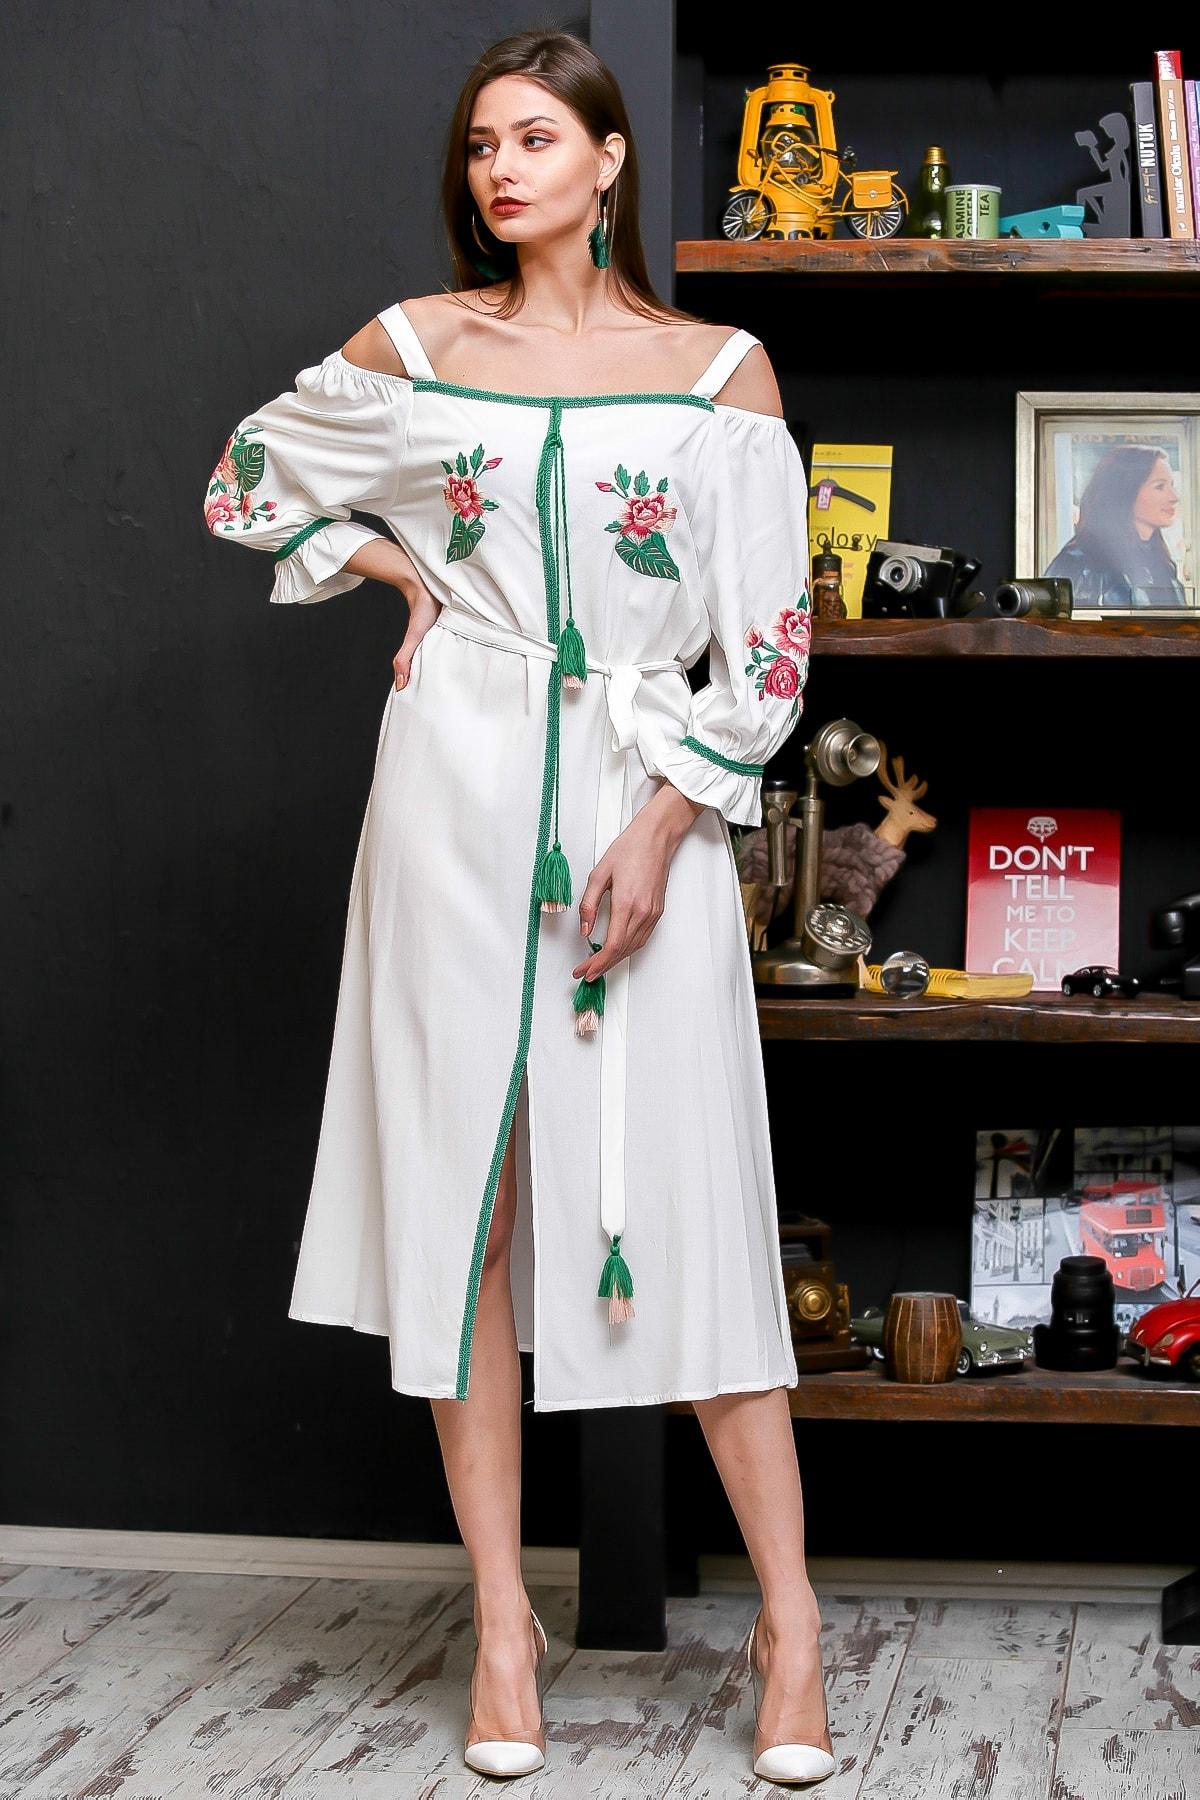 Chiccy Kadın Beyaz Carmen Yaka Gül Nakışlı Şeritli Püsküllü Kuşaklı Askılı Dokuma Elbise M10160000EL95875 1